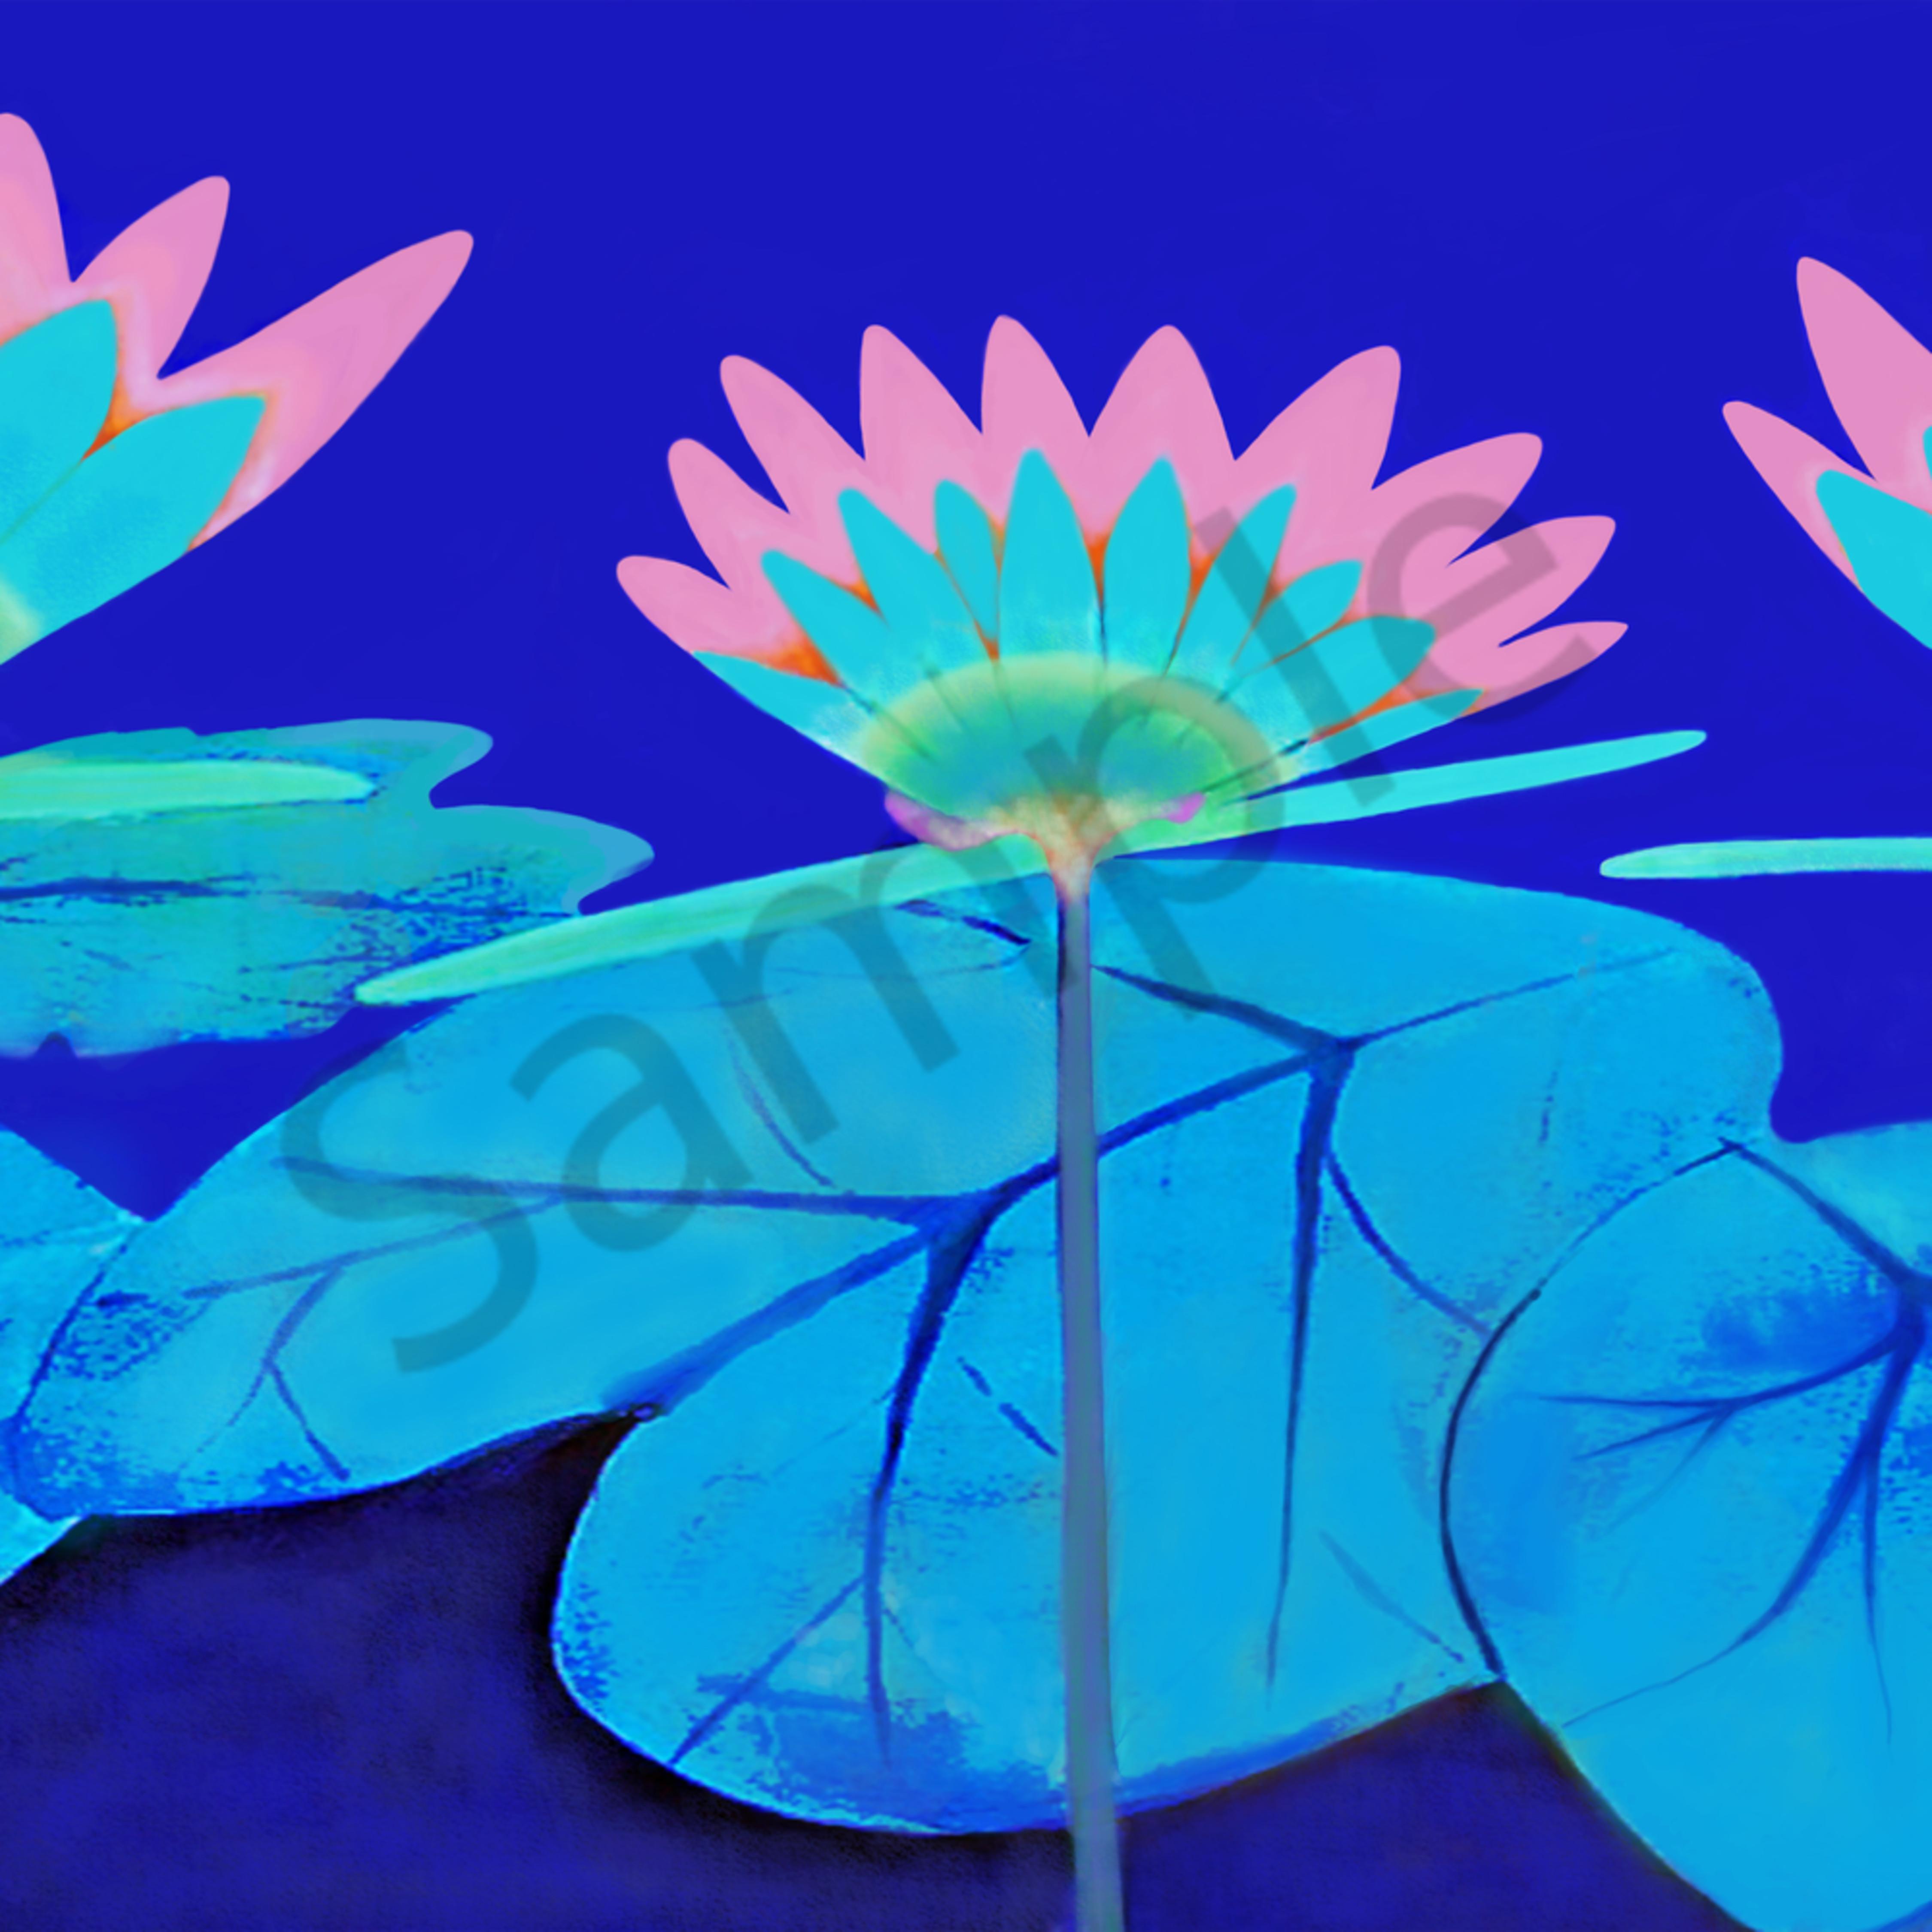 Pink water lilies ony3al